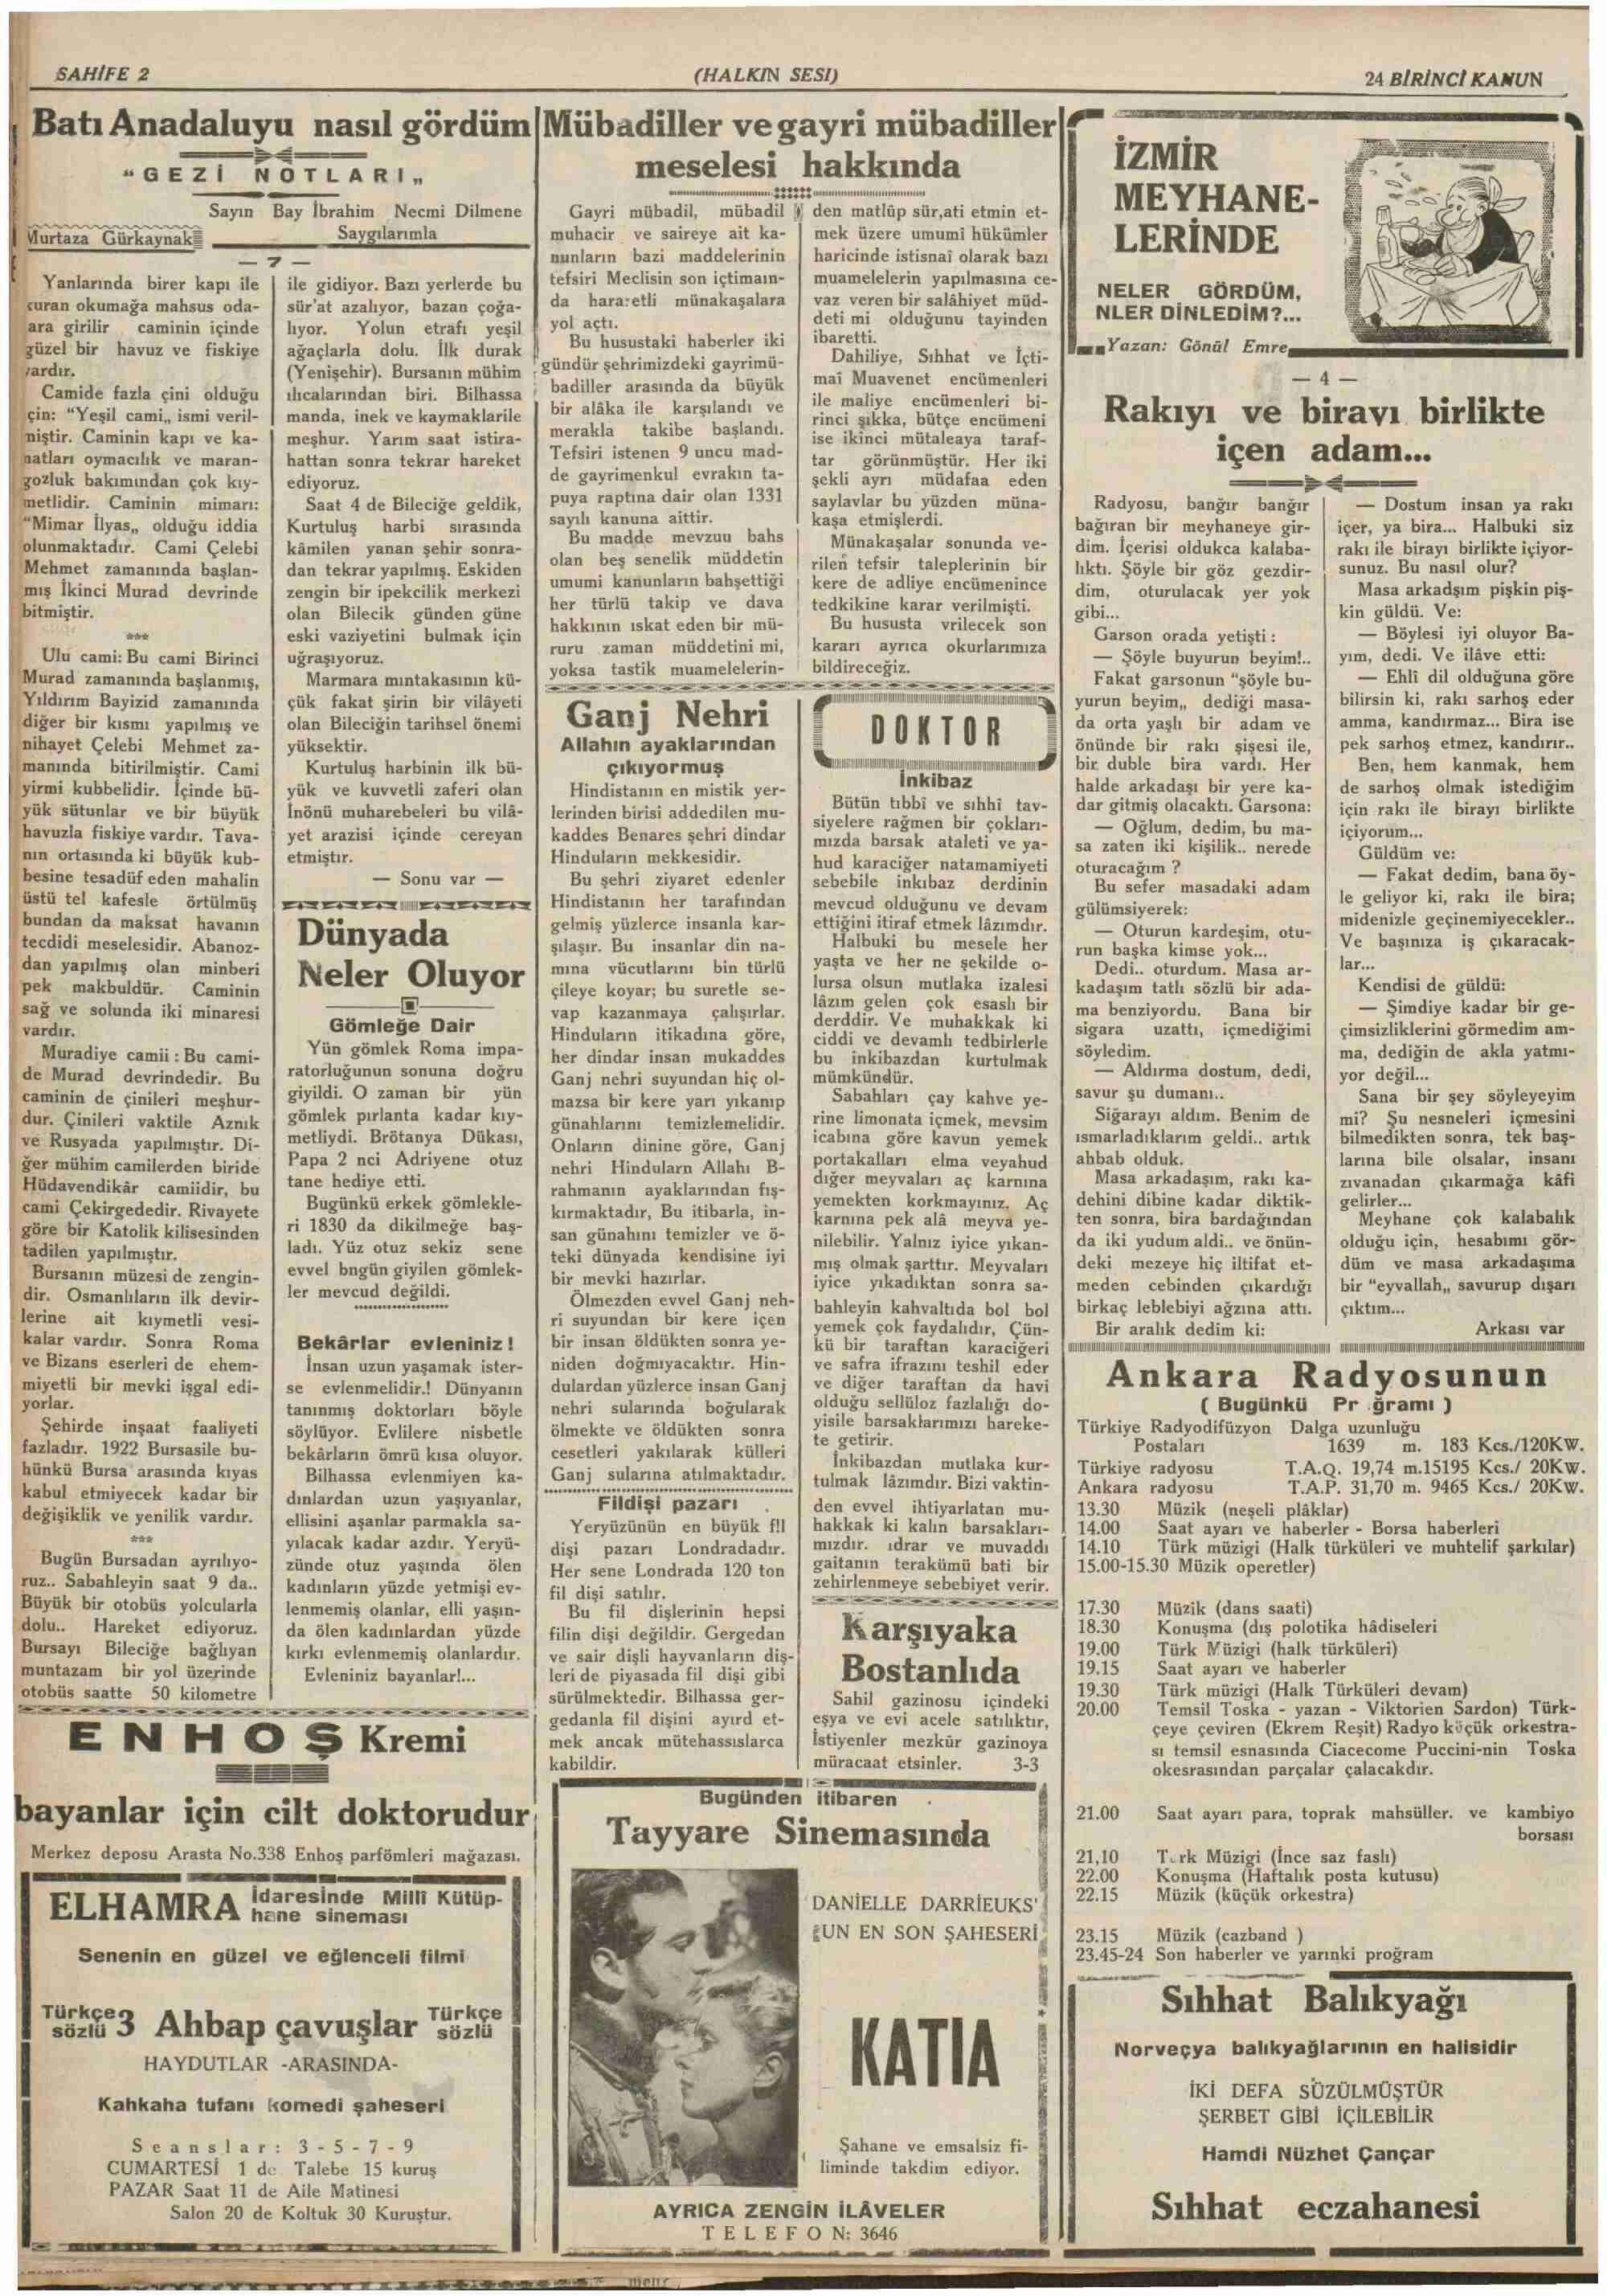 24 Aralık 1938 Tarihli Halkın Sesi Dergisi Sayfa 2